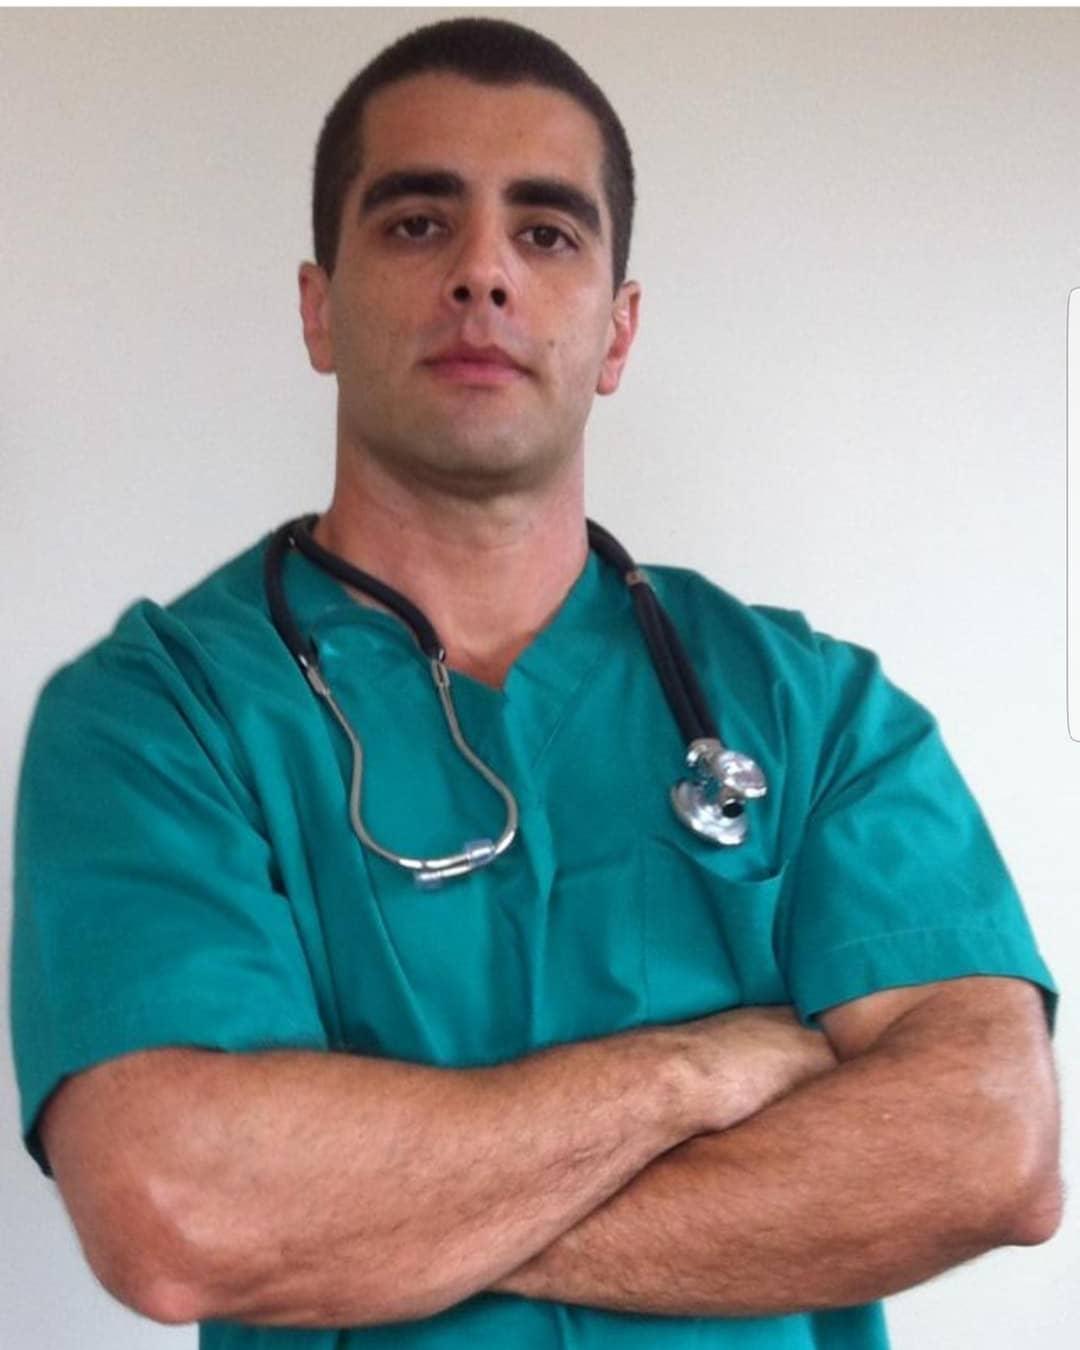 Пластический хирург Денис Фуртадо из Рио-де-Жанейро